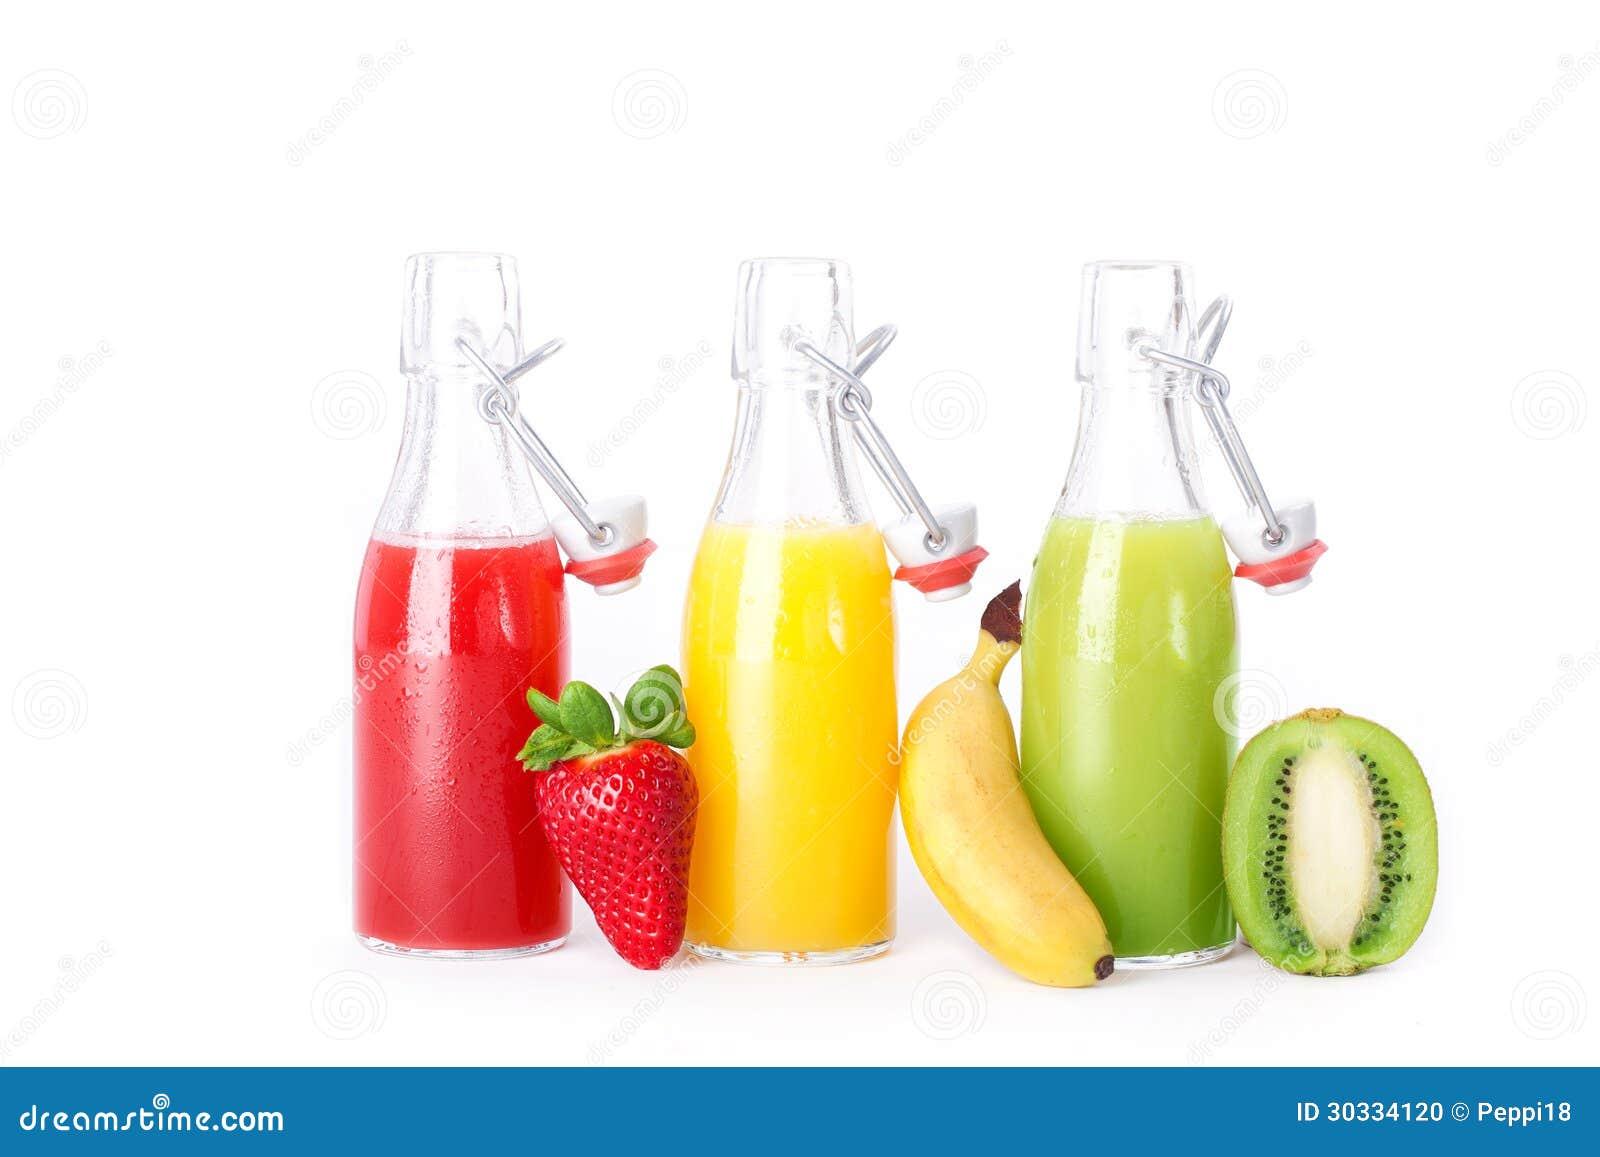 红色黄绿色果汁